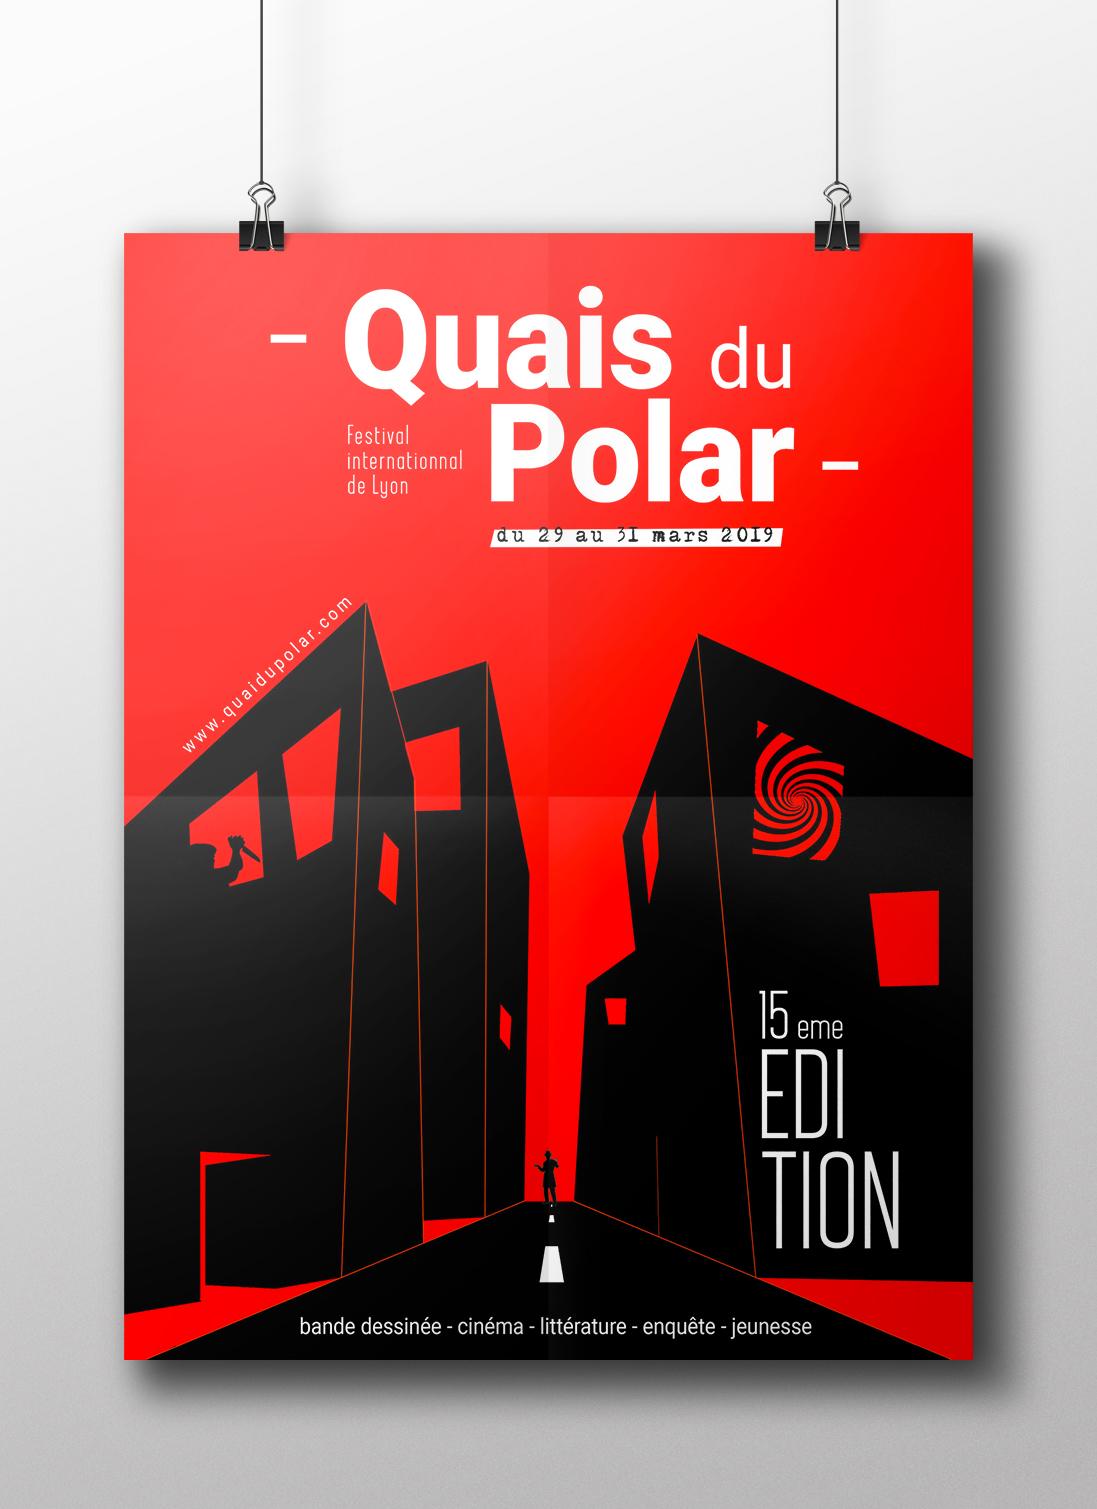 Quai du Polar - Affiche et site